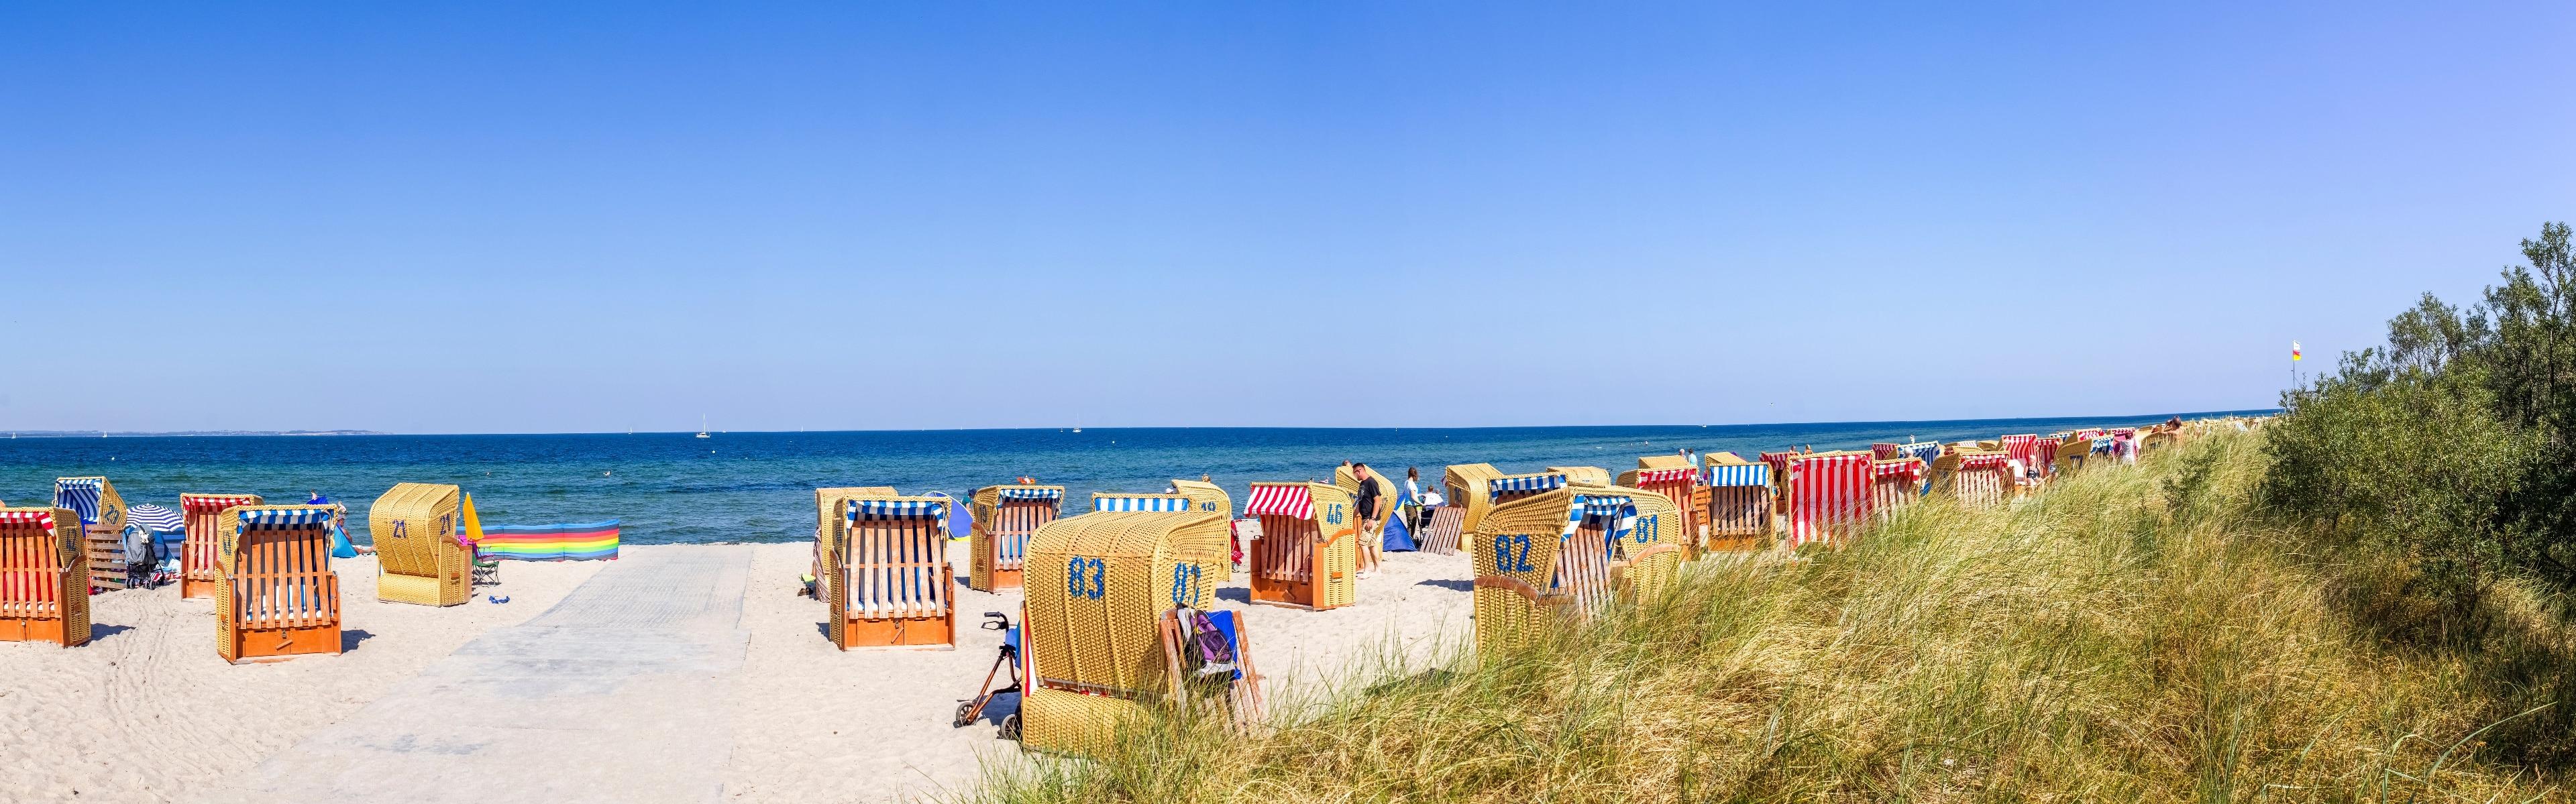 Insel Poel, Mecklenburg-Vorpommern, Deutschland